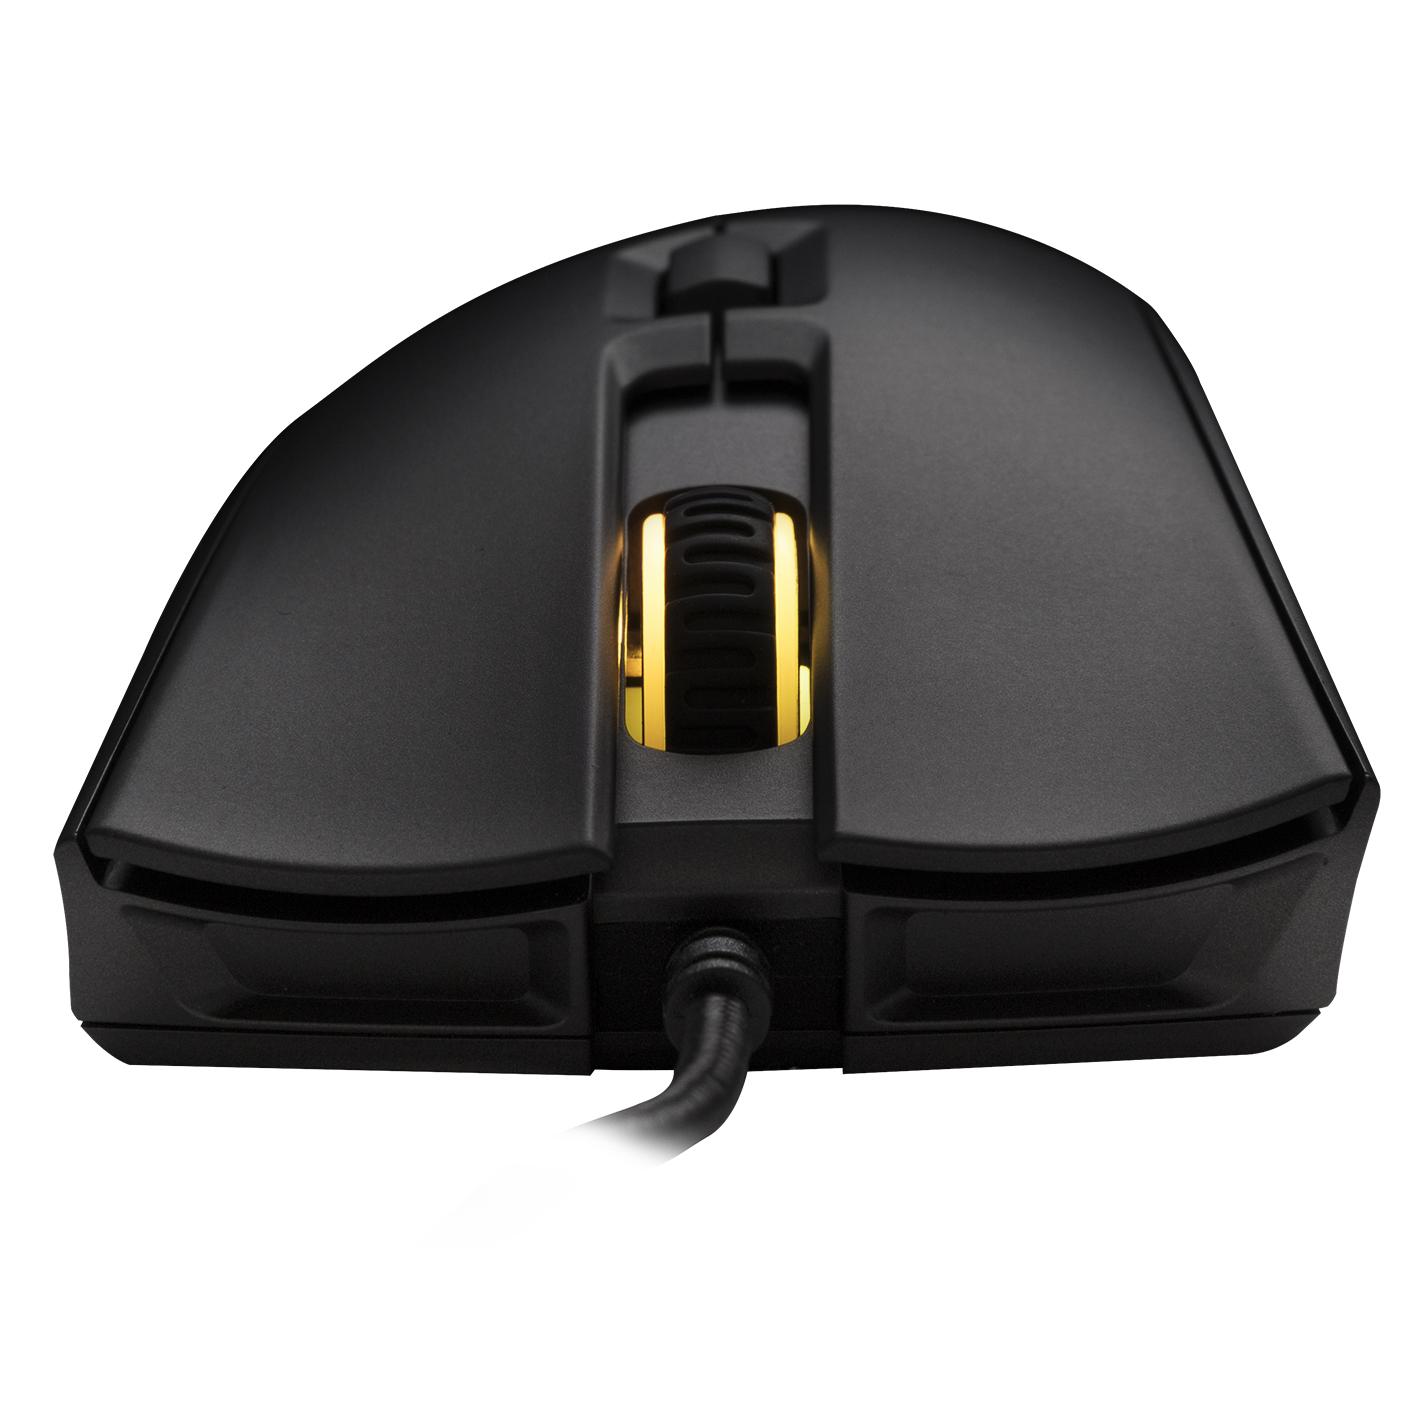 Conheça o Pulsefire FPS Pro da HyperX, o novo mouse gamer com RGB